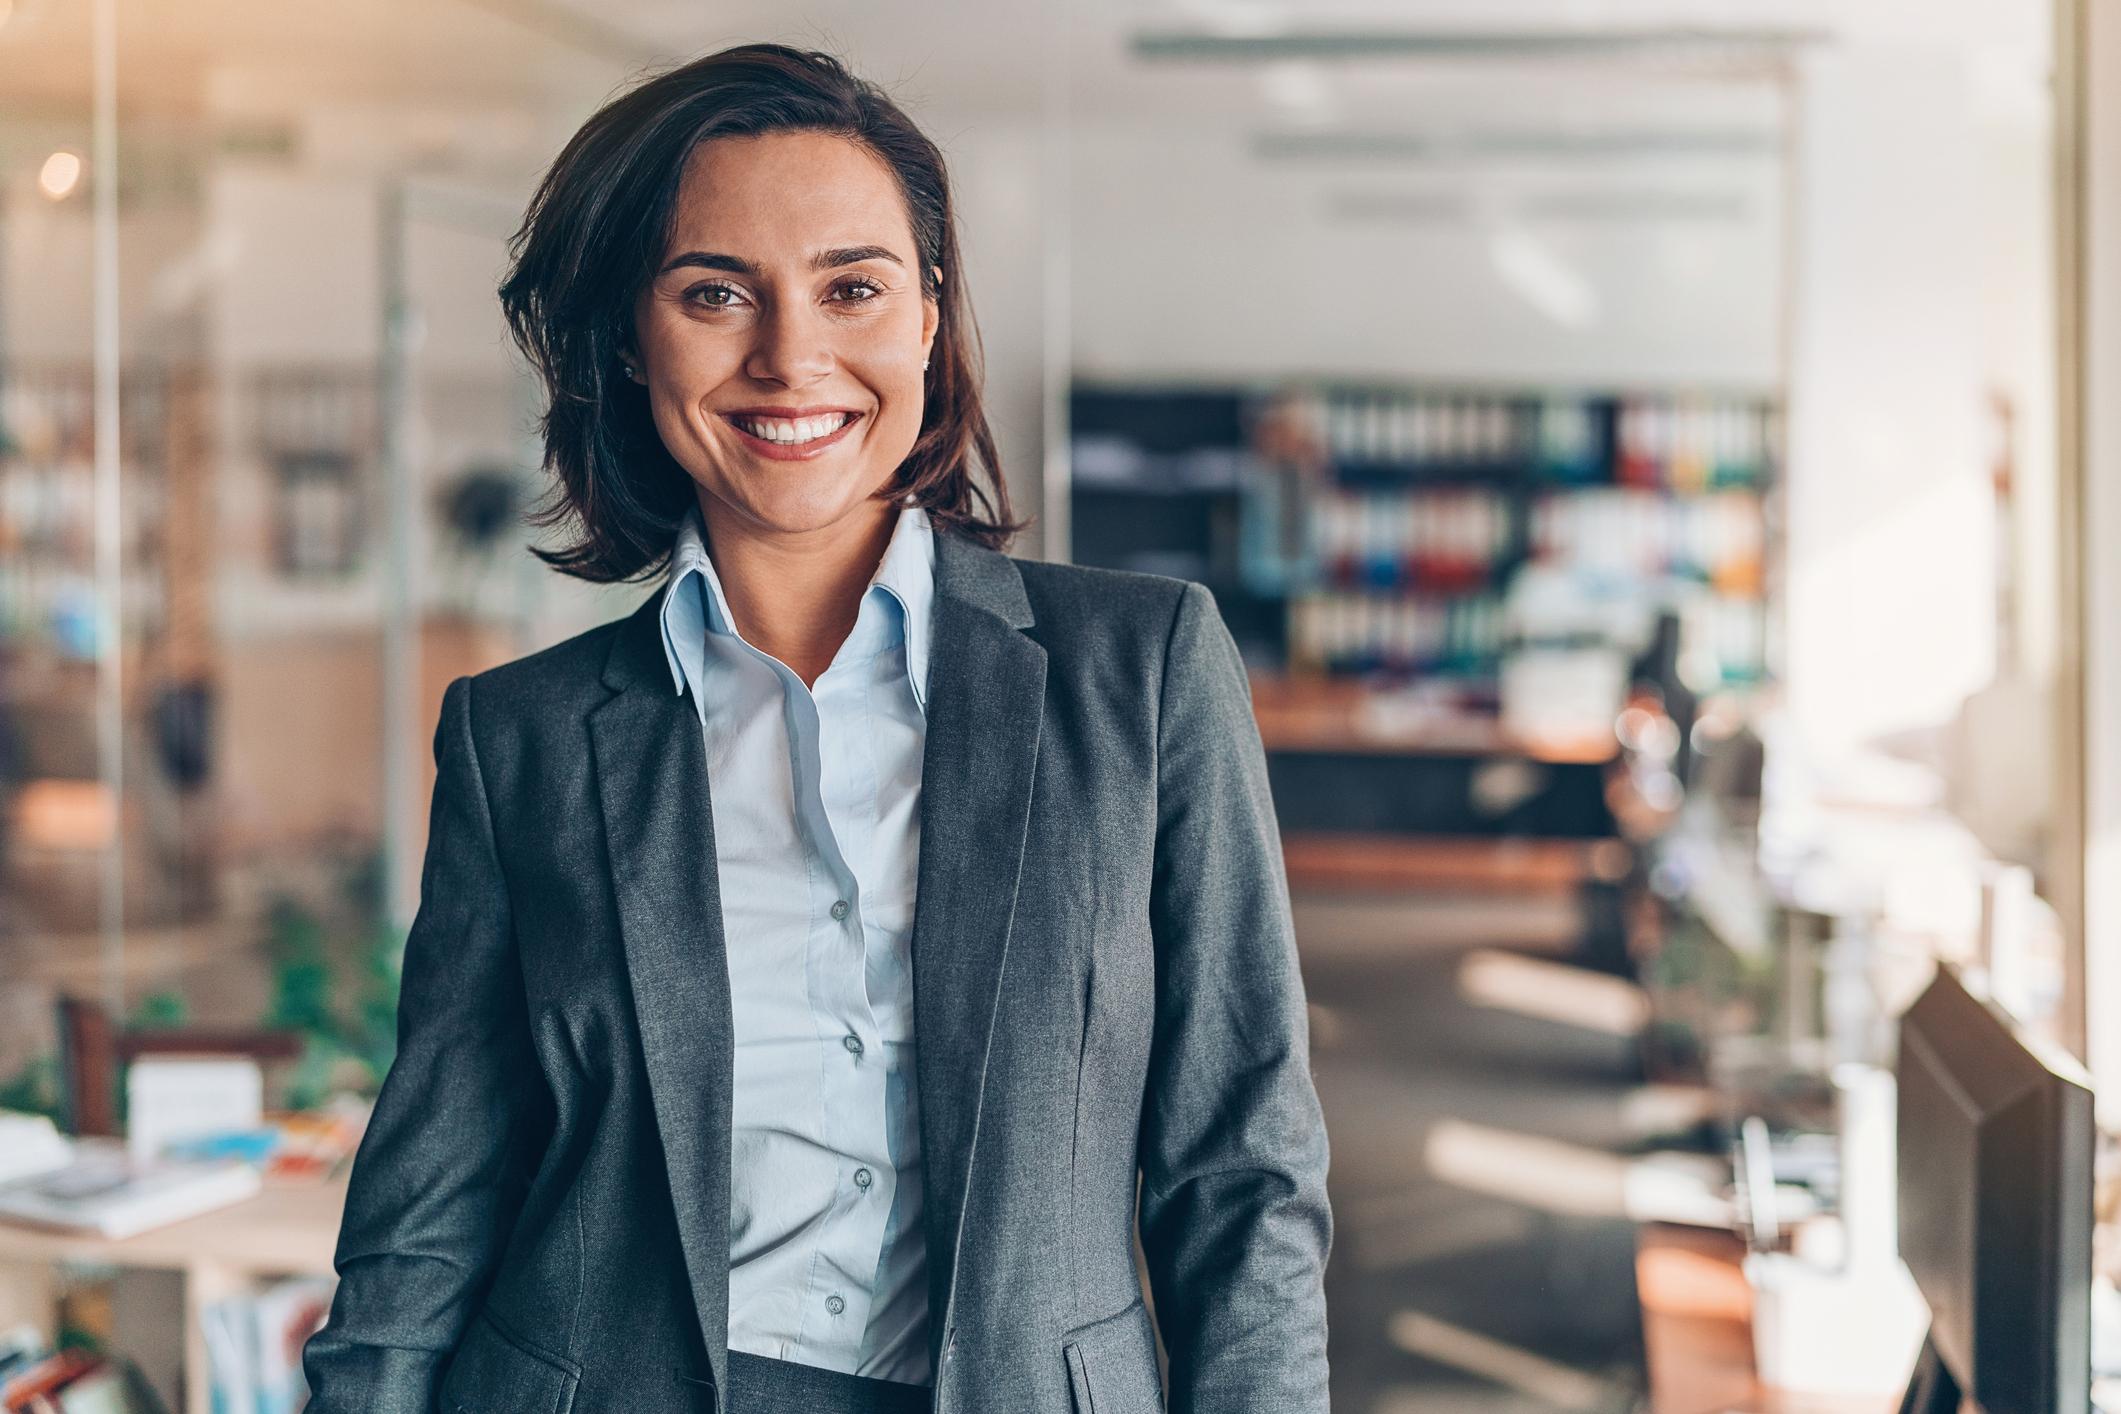 5 competências que todo profissional de RH precisa ter